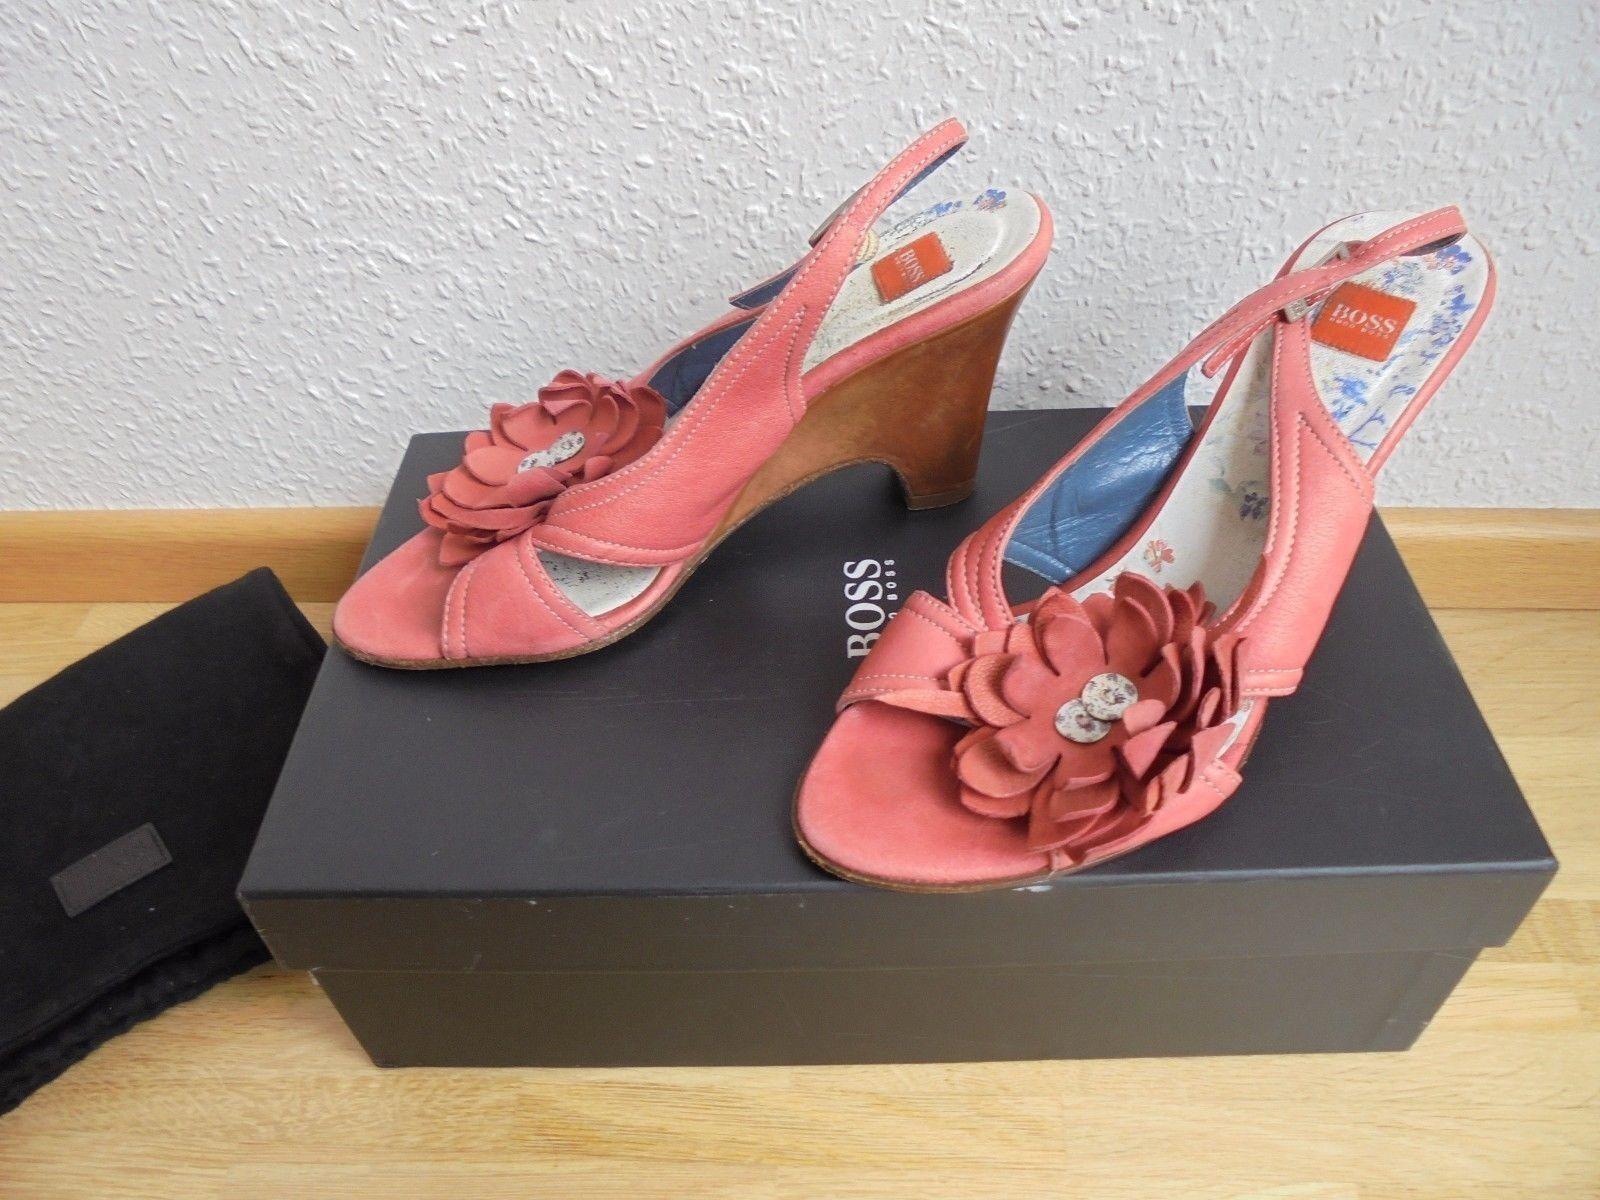 Hugo  Boss Leder Sandaletten NP:  Hugo TOP Wedges Schuhe Pumps Heels Gr. 36 dcb73e